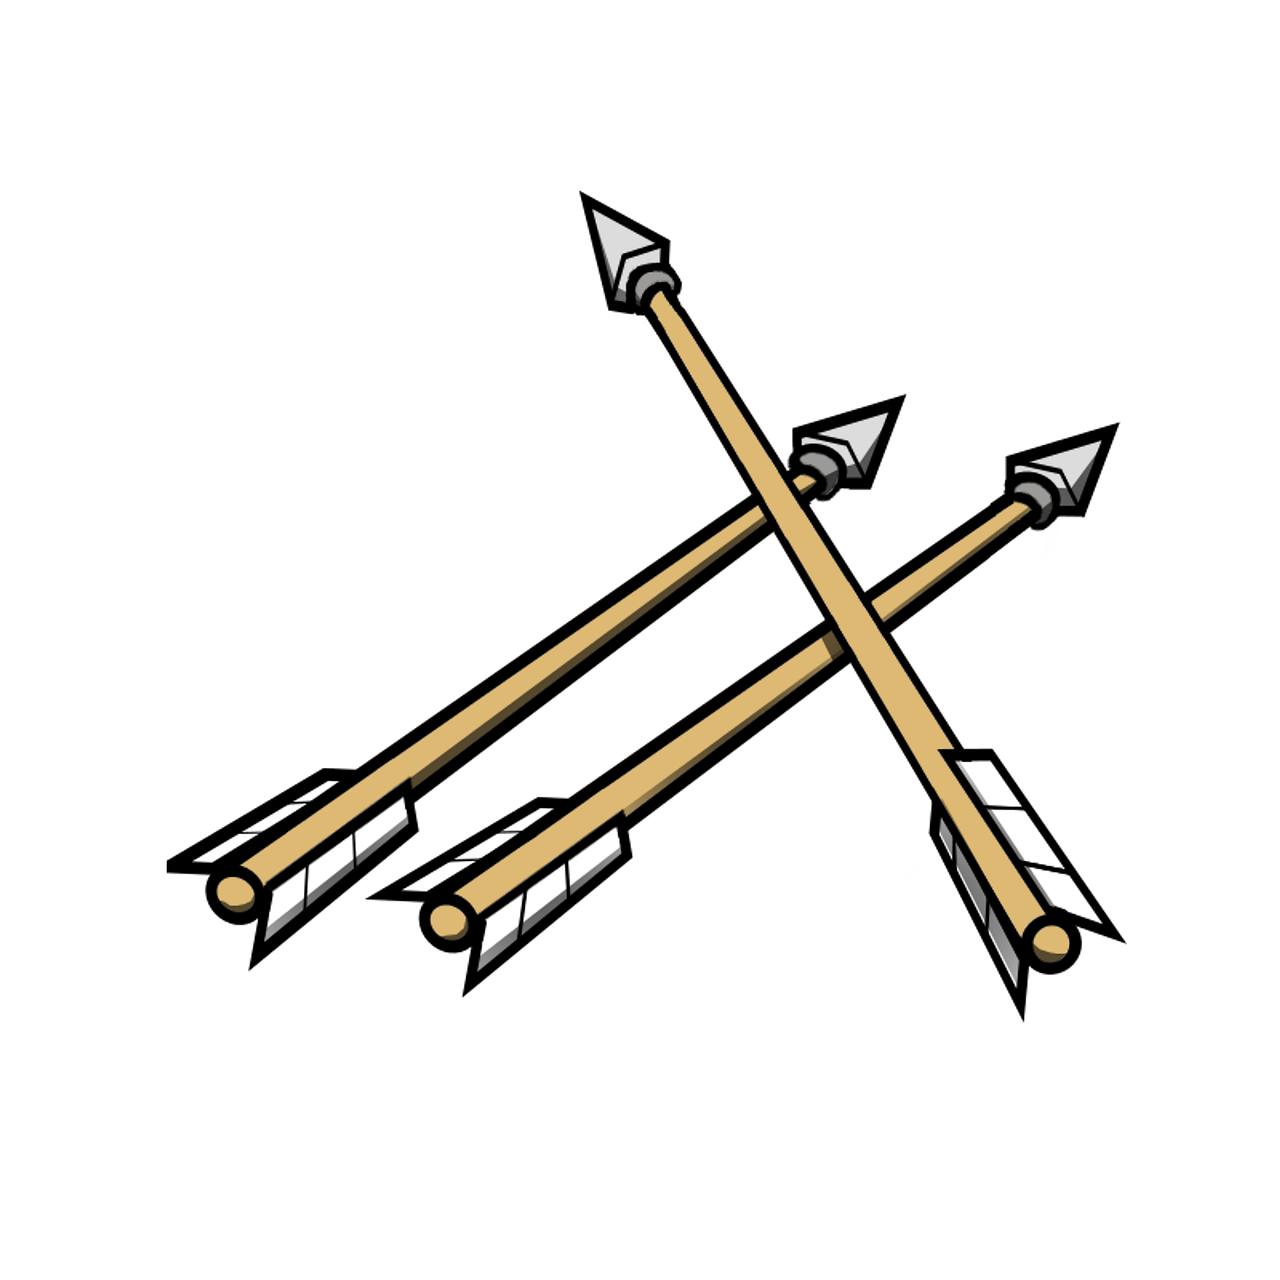 アベノミクス、3本の矢、分かりやすく